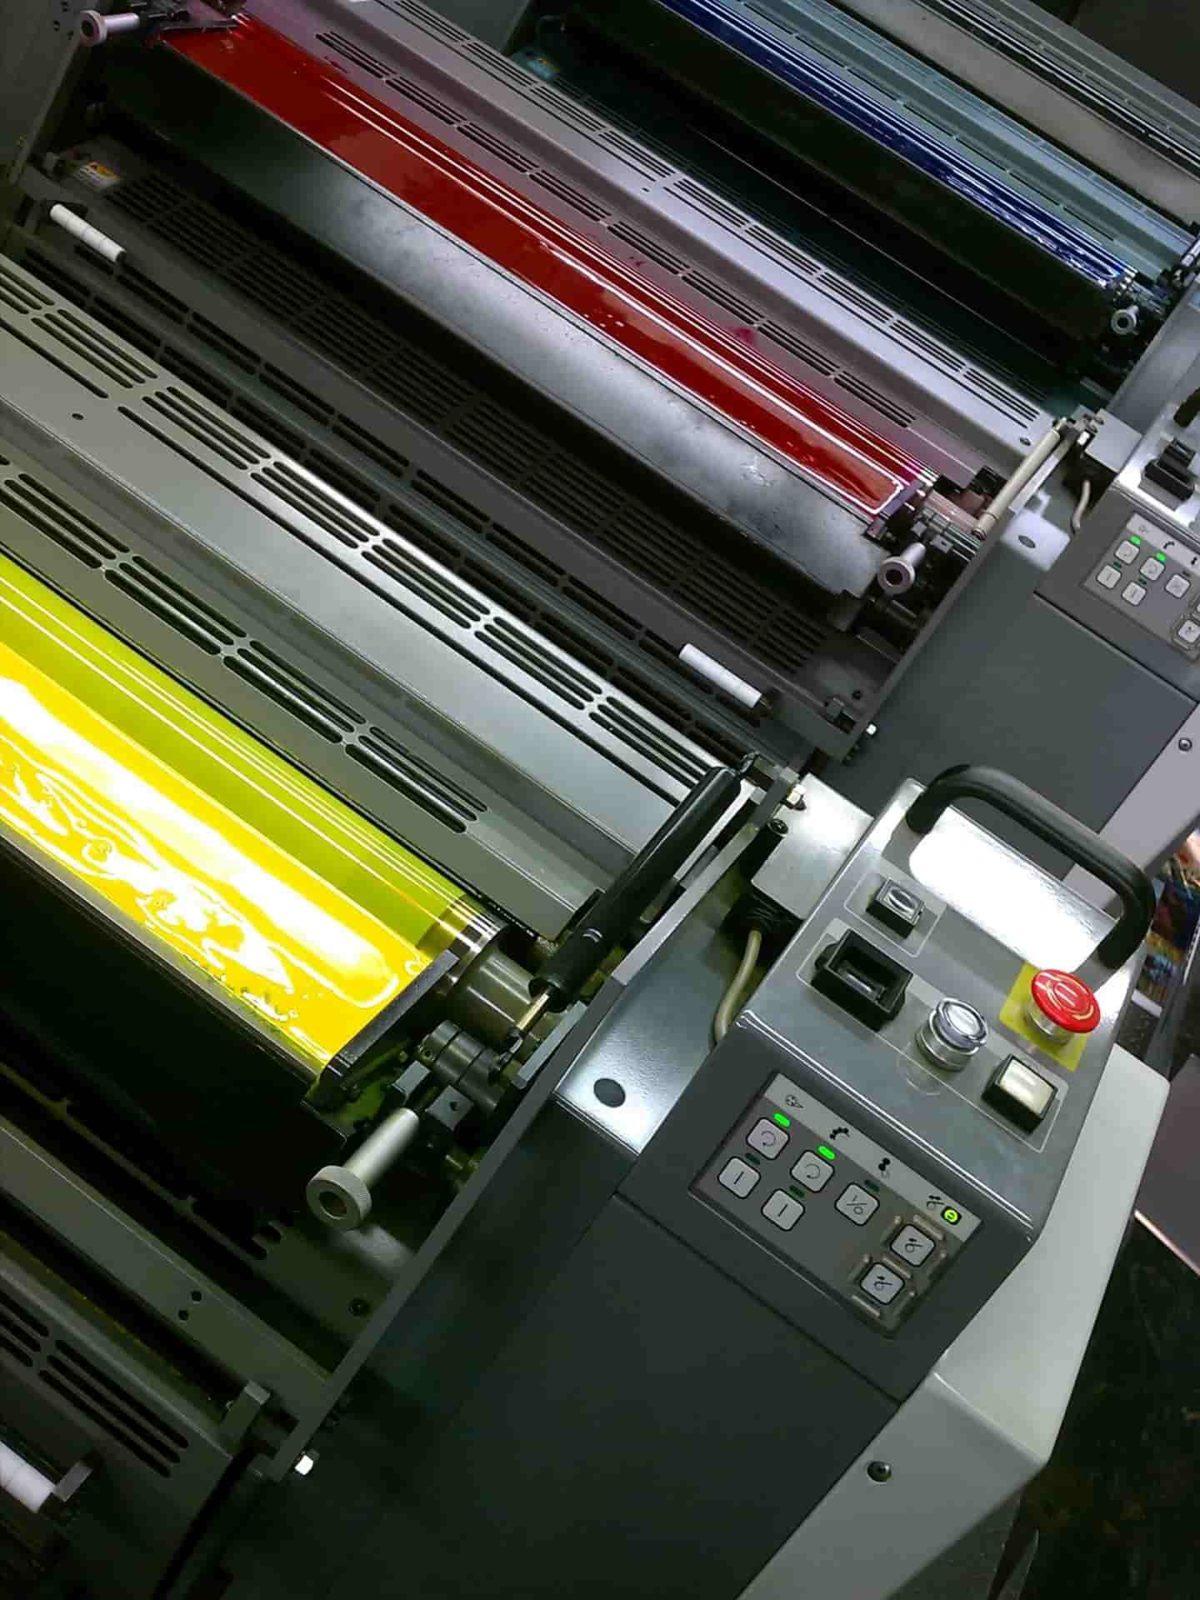 Impresión digital e impresión offset diferencias